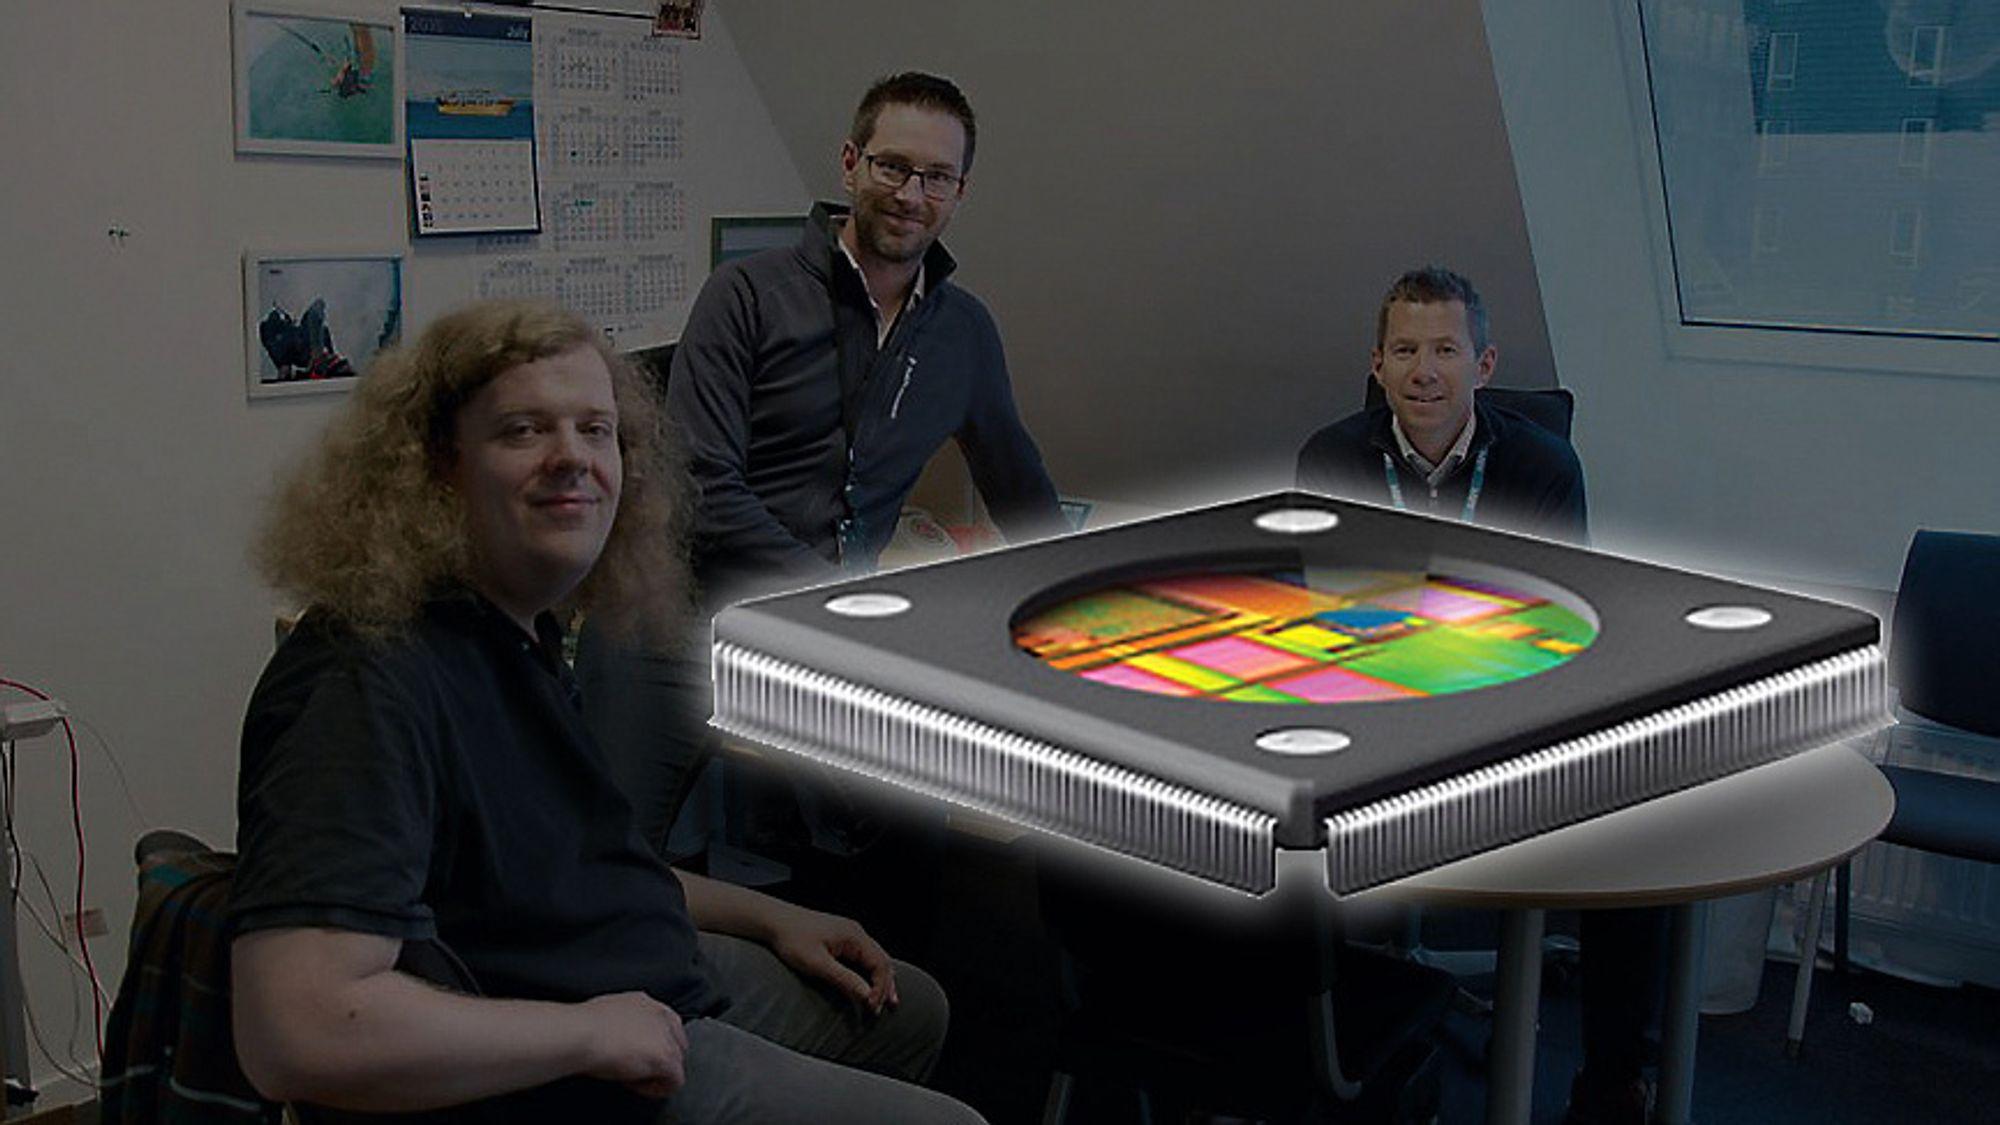 I år vil Arms trondheimsavdelings GPU-design sitte i 700 millioner brikker, og fremtiden ser lys ut. Jørn Nystad (f.v.) og Edvard Sørgård var med å etablere selskapet etter at de gikk ut fra NTNU. Kjetil Sørensen har ledet selskapet i over ti år.